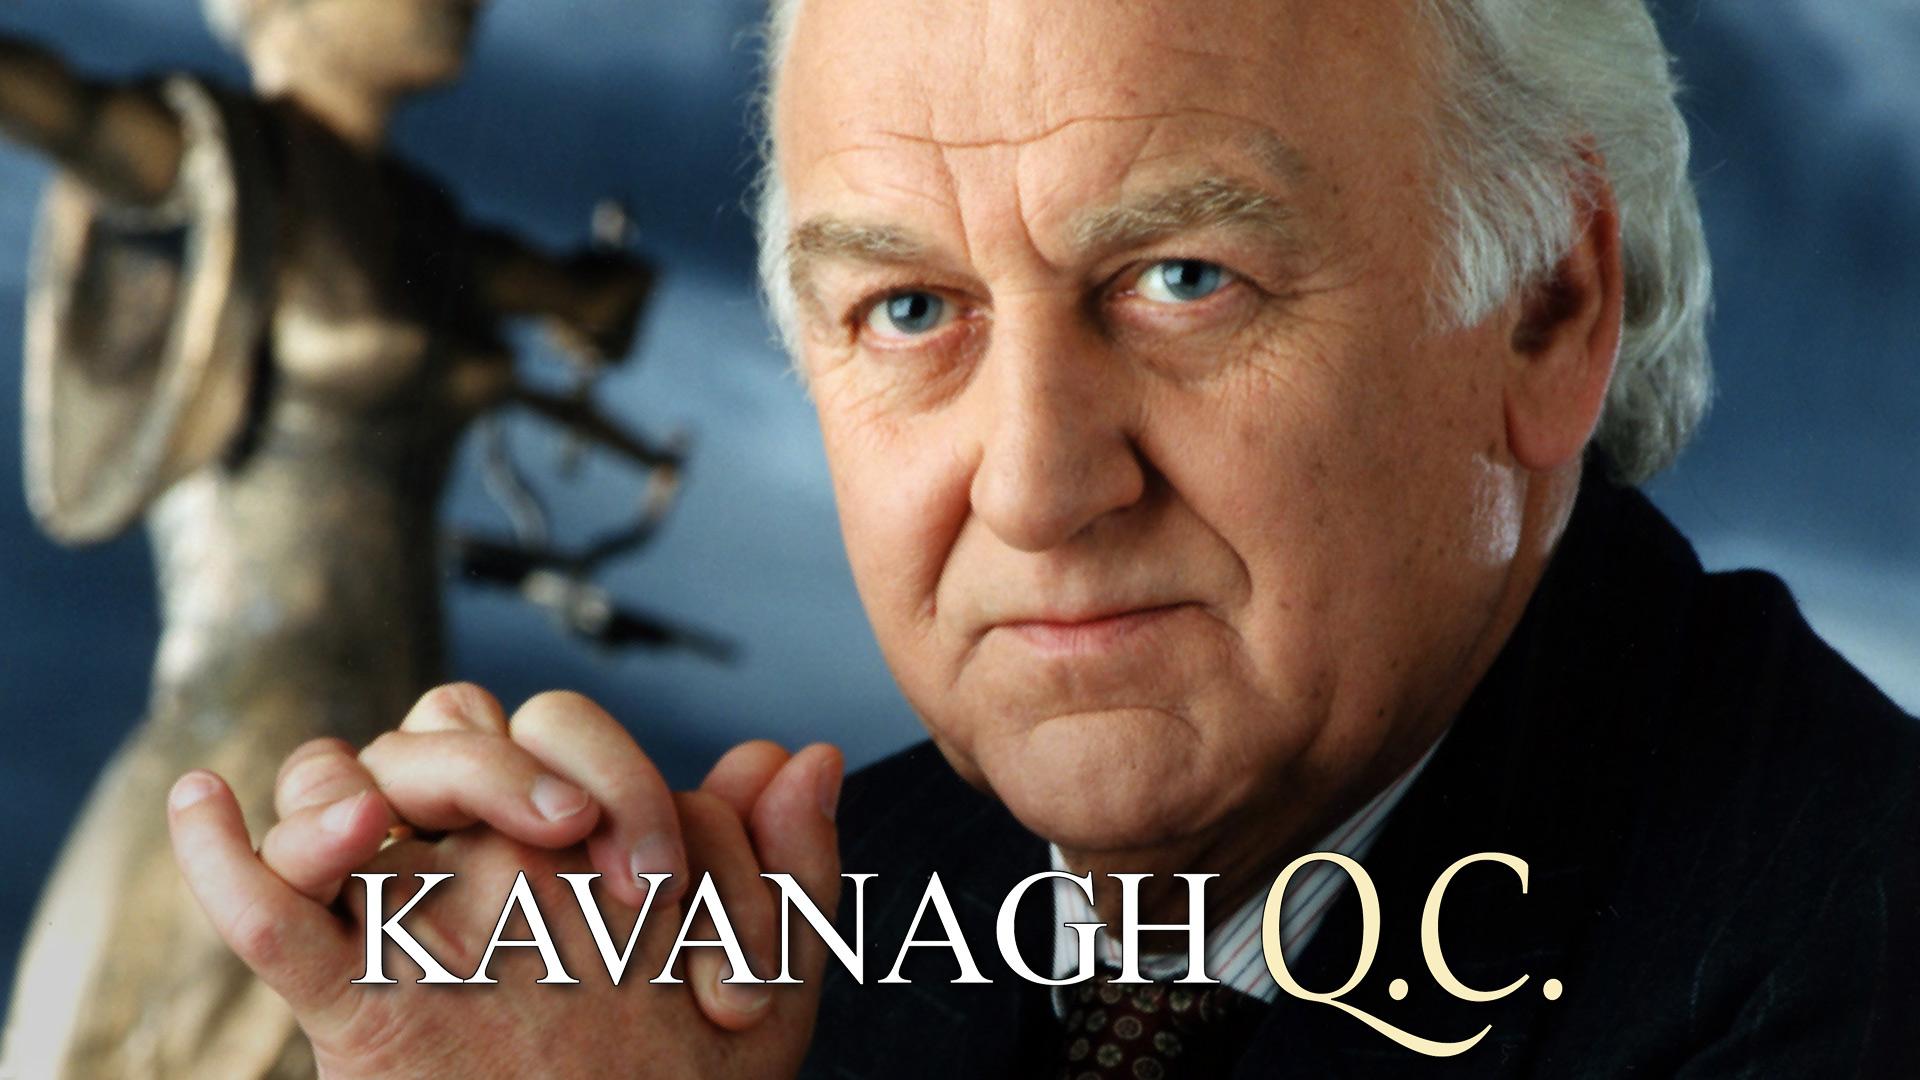 Kavanagh QC, Season 1